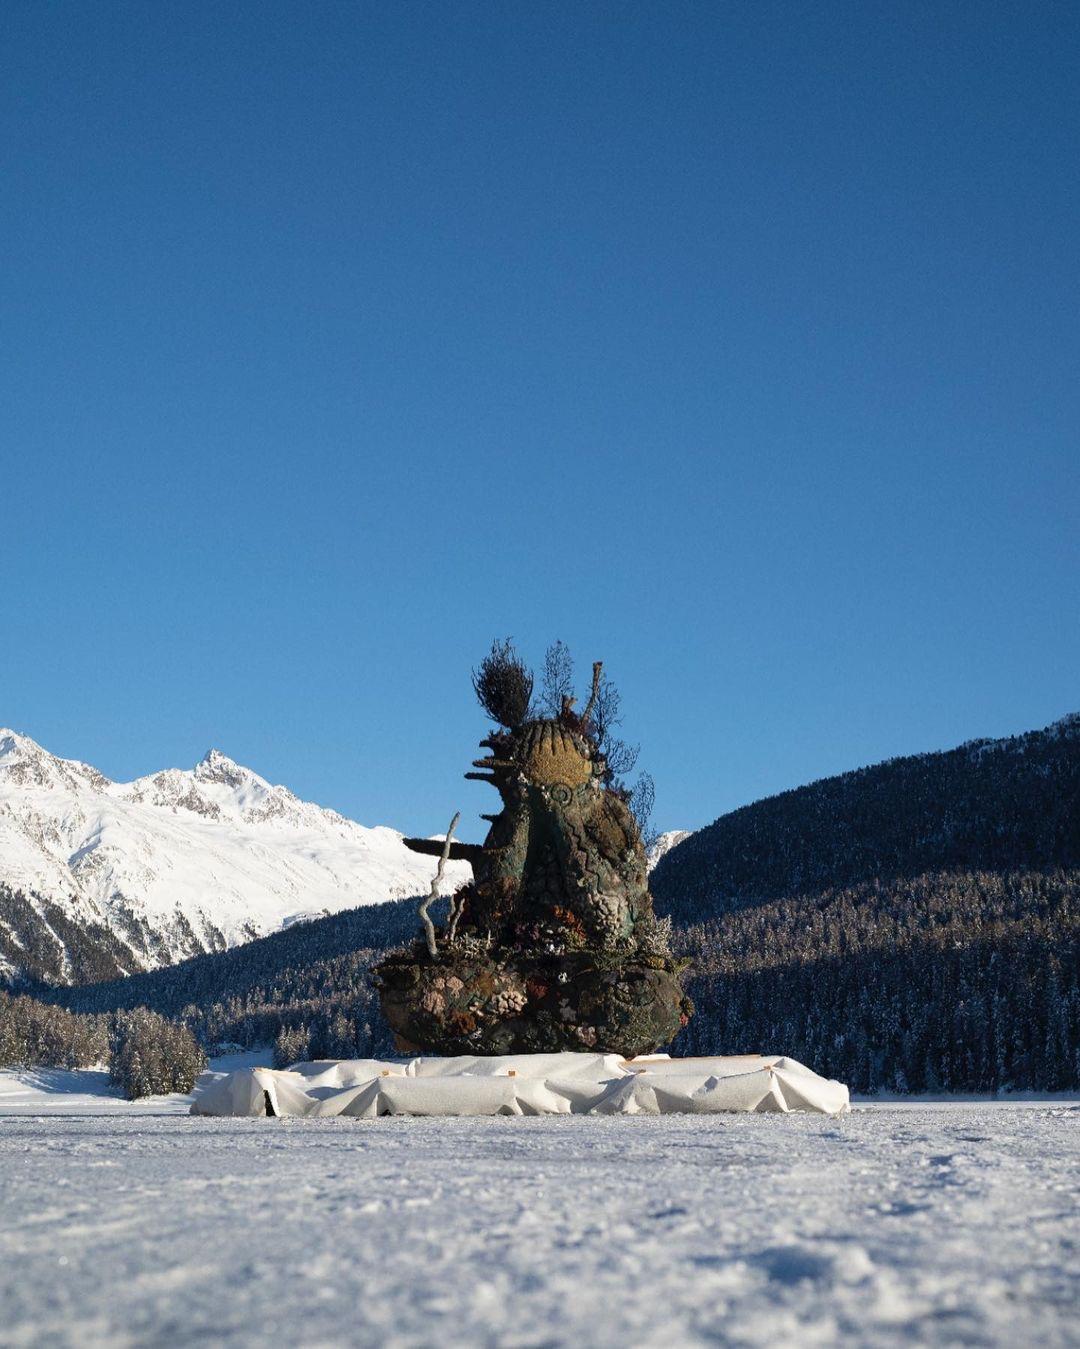 Damien Hirst, The Monk, 2021, St Moritz, Lake (3)